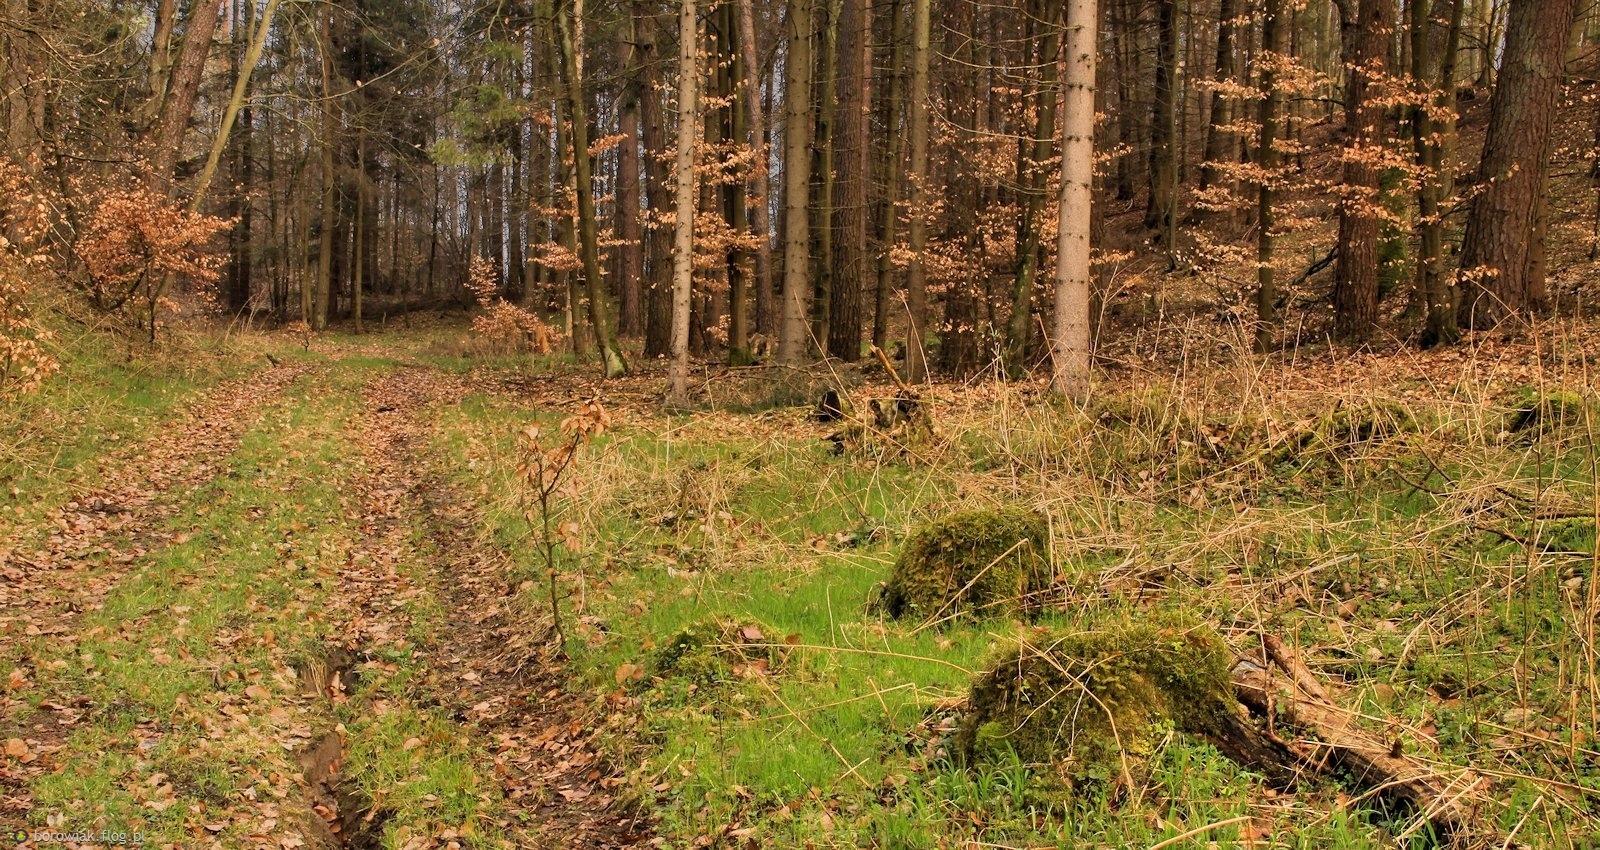 Tylko ziemia zielona i wiosennie radosna...